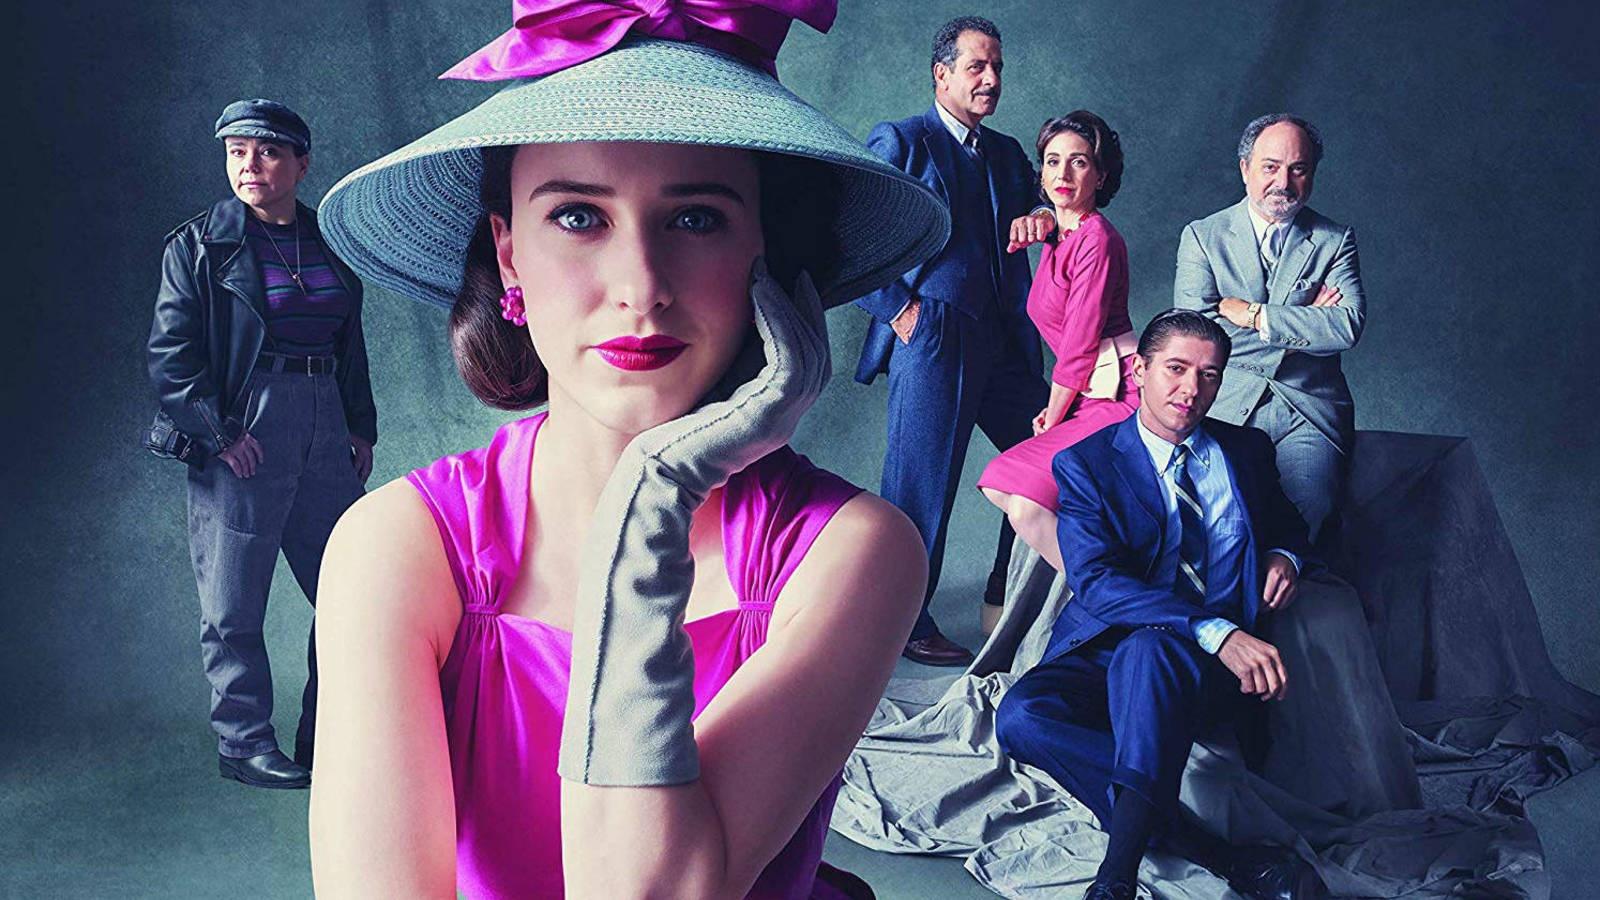 Отели, яхты и проблемы: вышел трейлер третьего сезона «Удивительной миссис Мейзел»